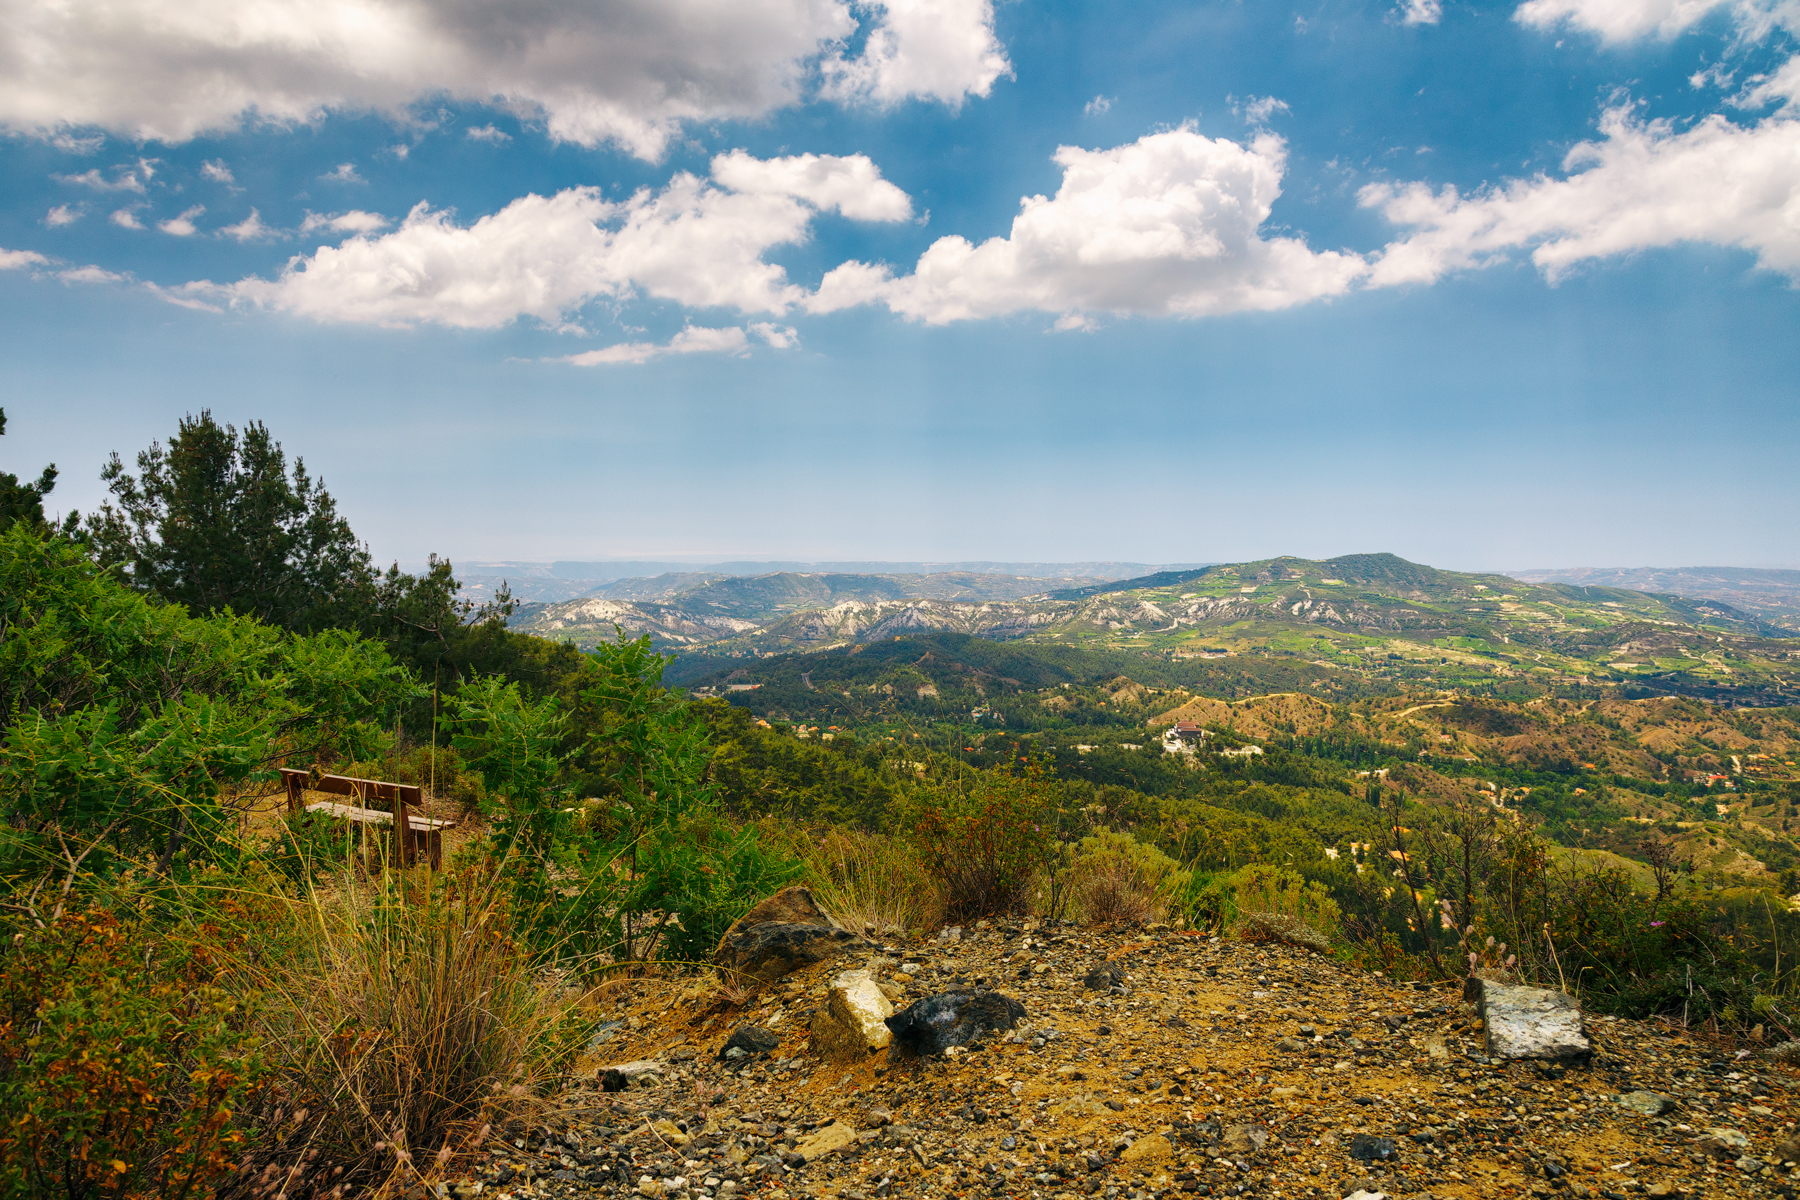 Где найти природу на Кипре? Июнь 2017.